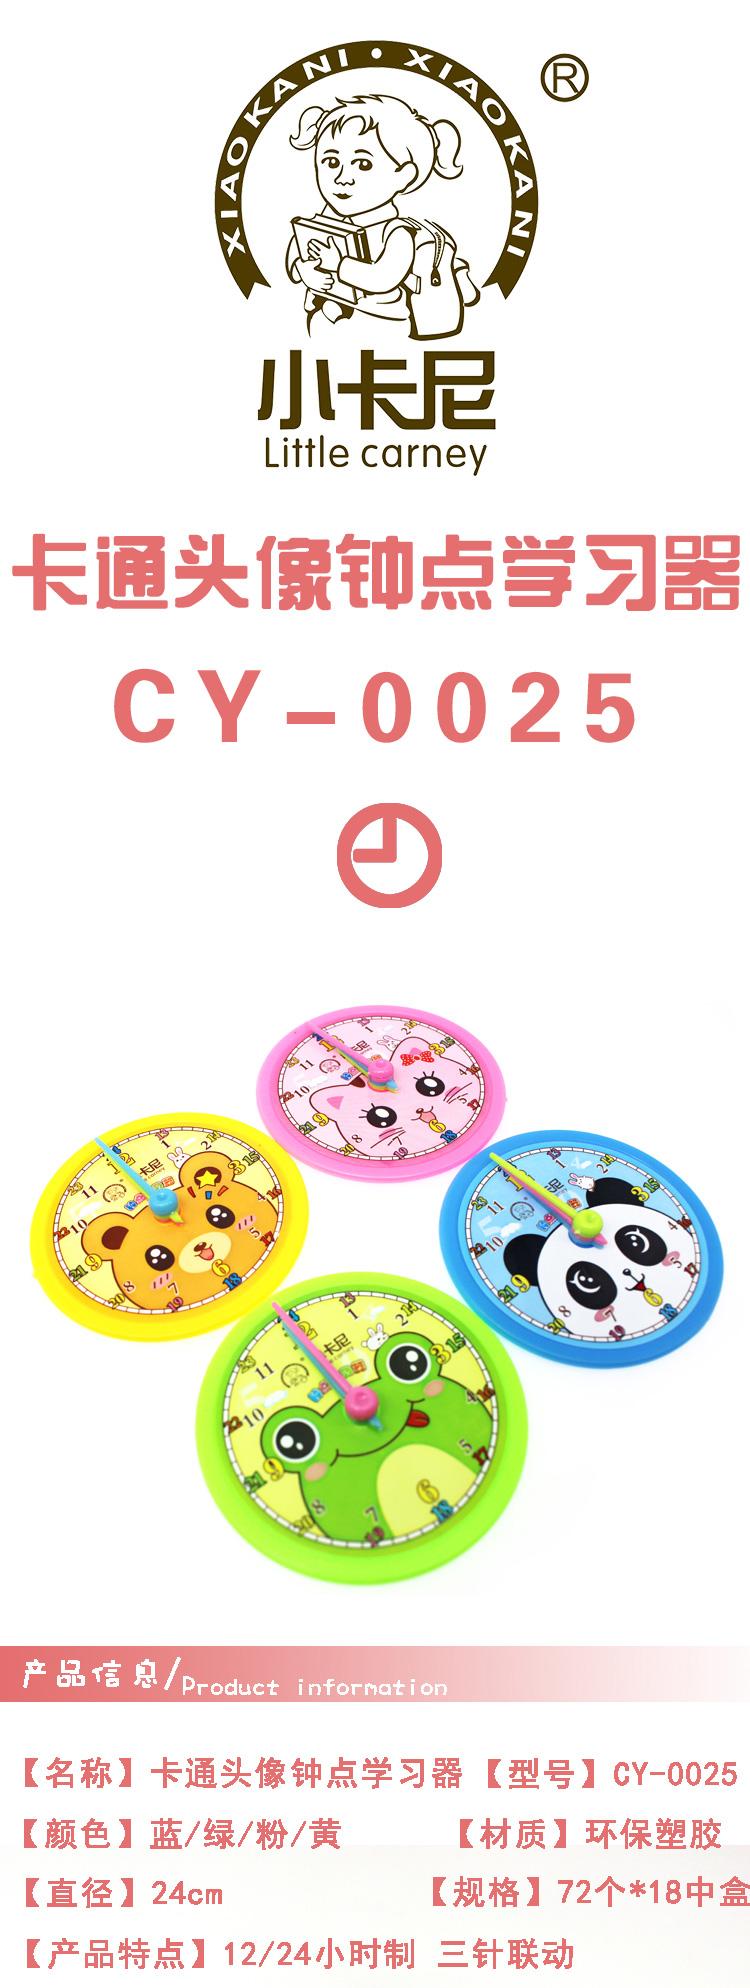 CY-0025_01.jpg